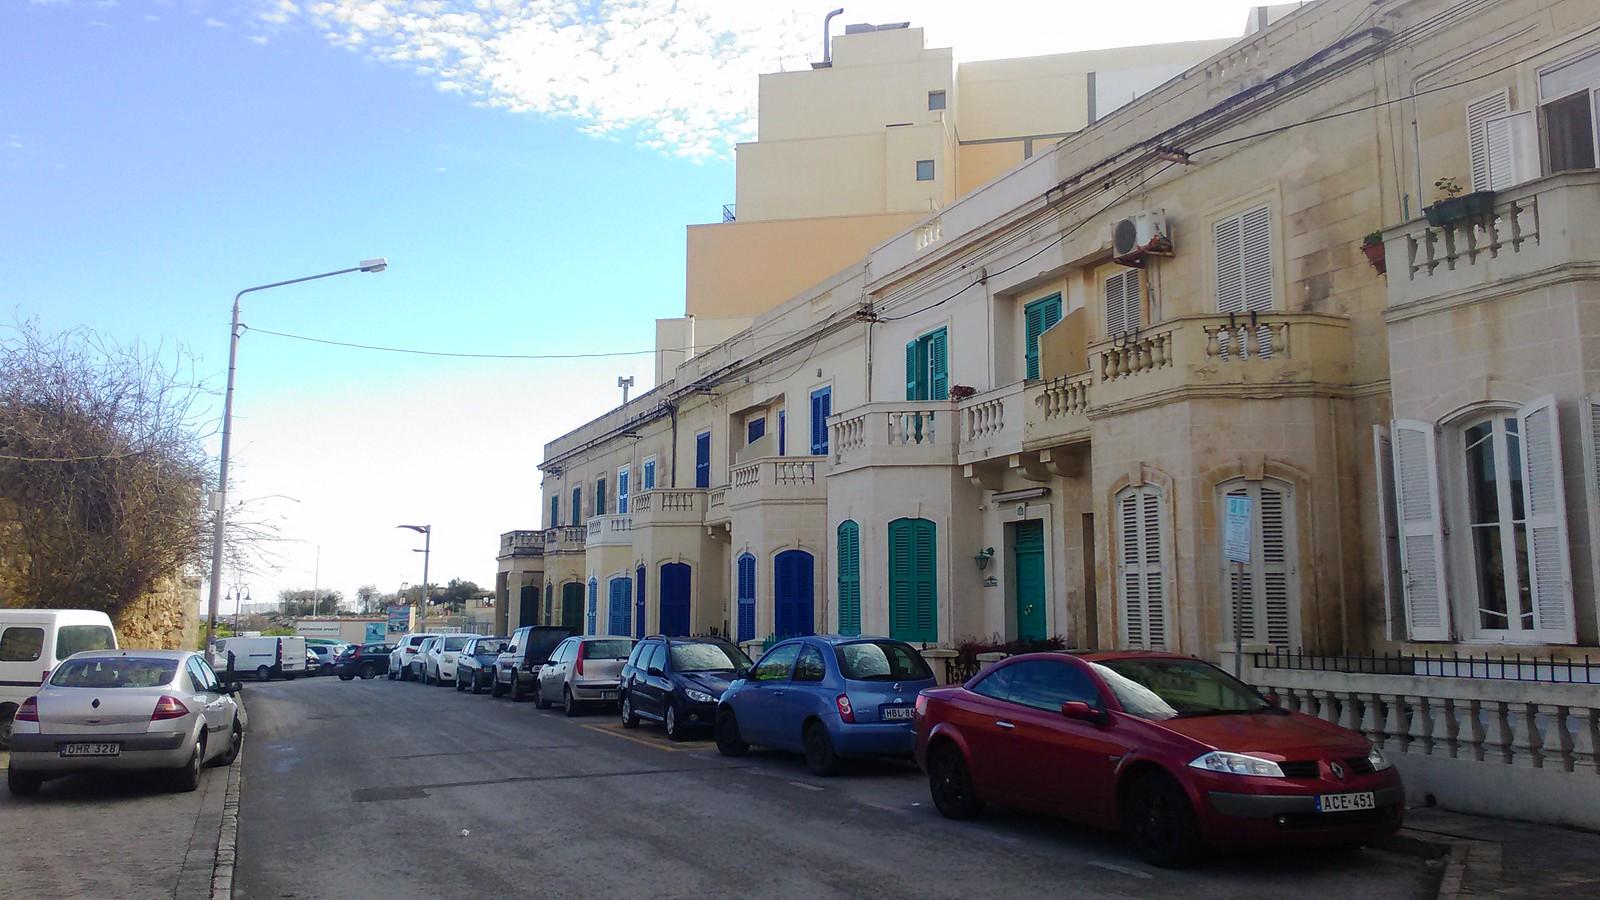 Paceville - Malta